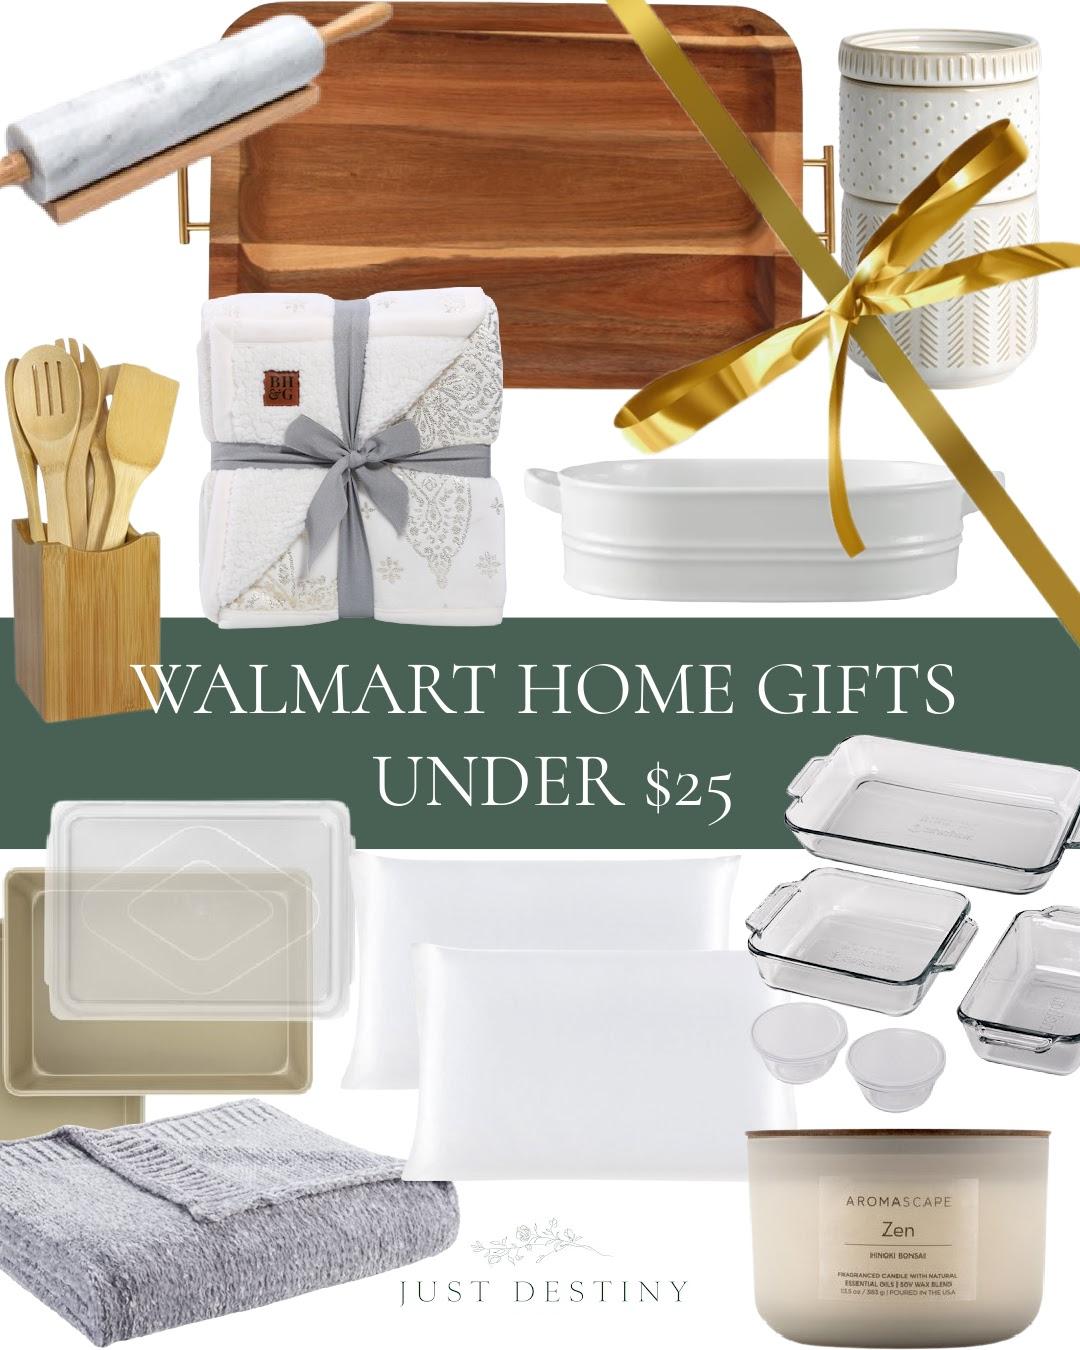 Walmart Home Gifts Under $25